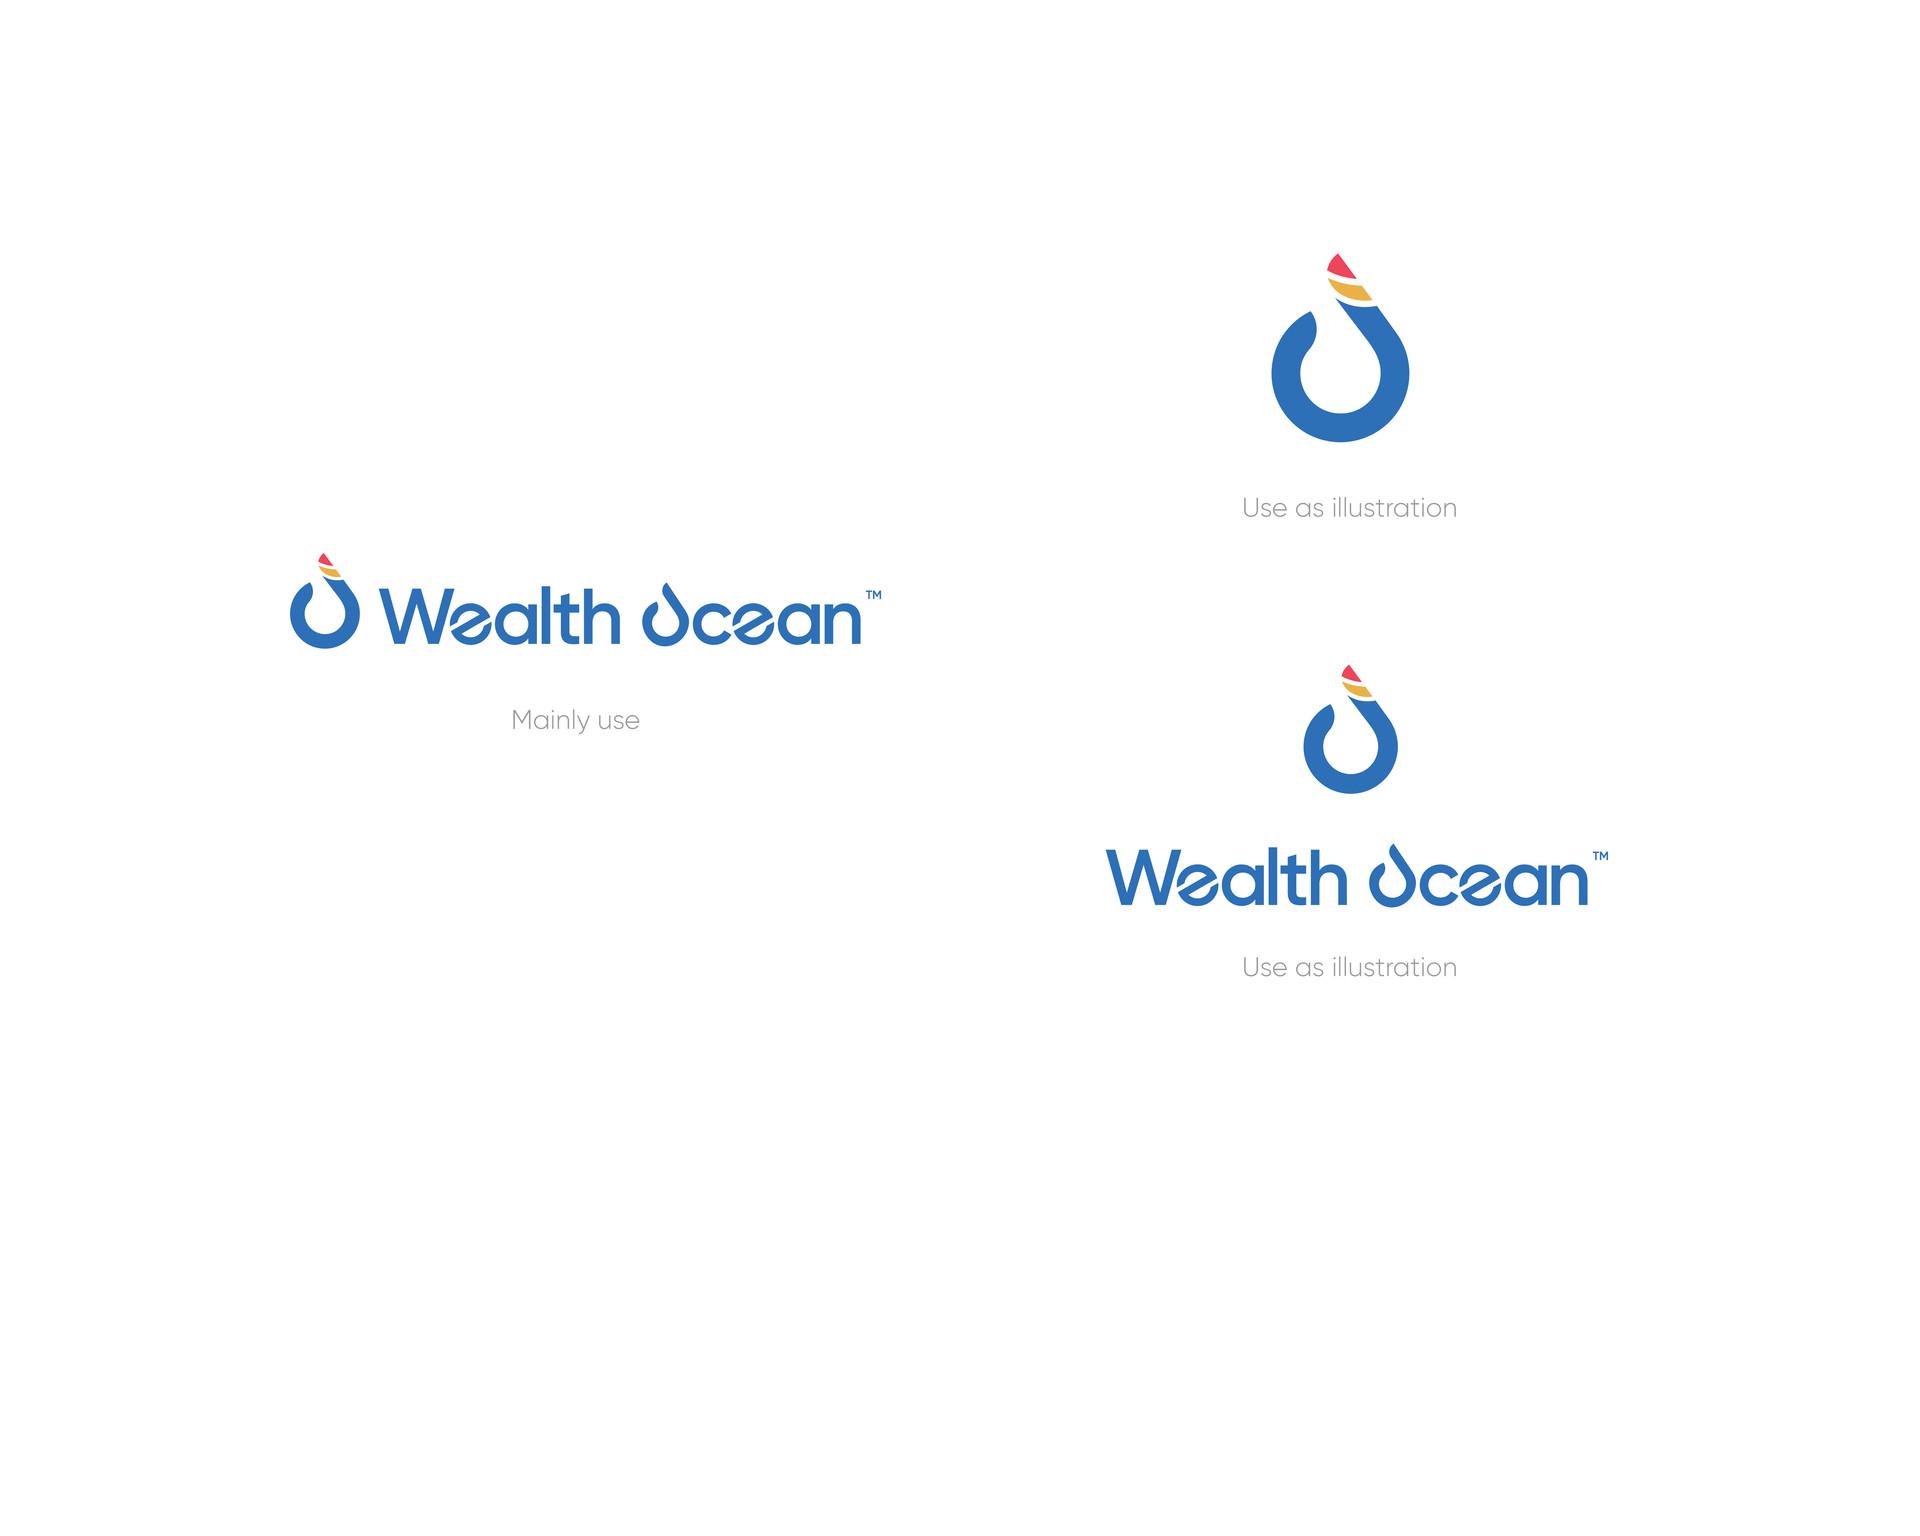 wealth ocean branding-07.jpg